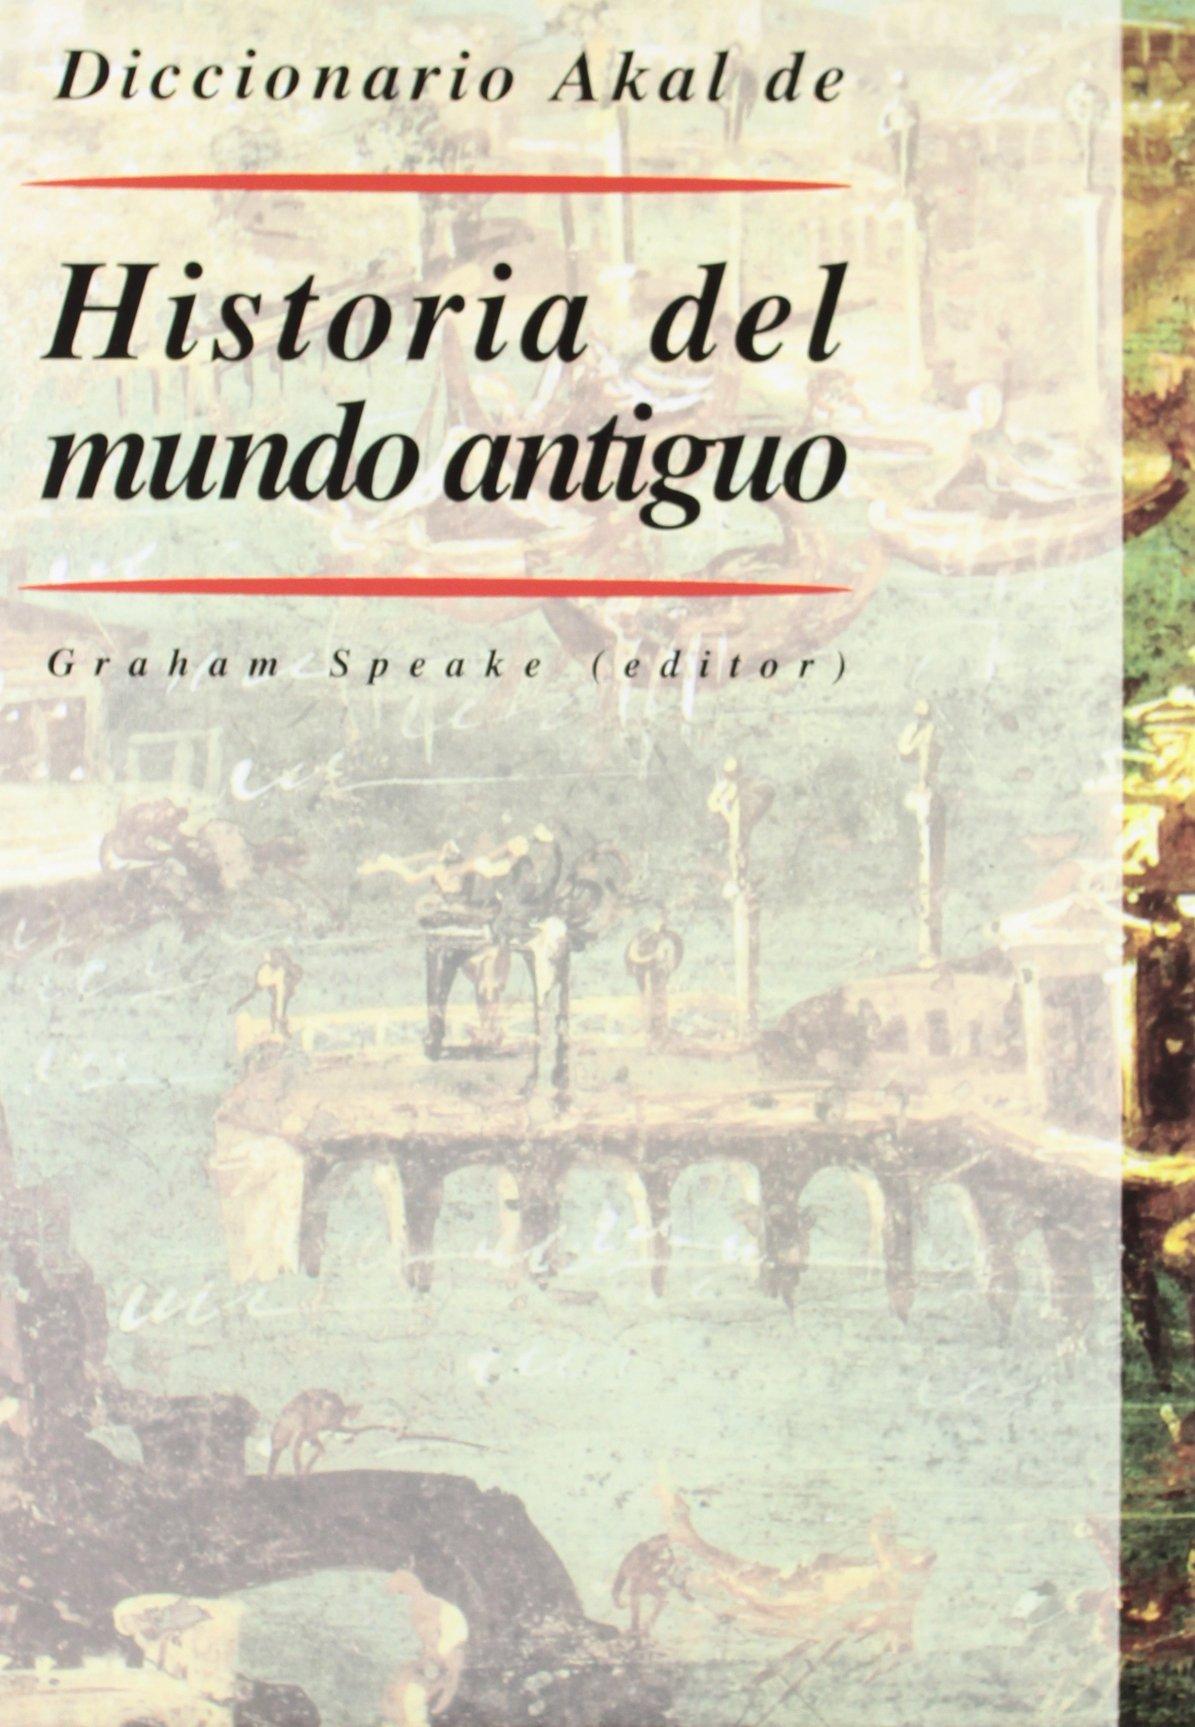 Diccionario Akal de Historia del mundo antiguo: 22 Diccionarios: Amazon.es: Speake (ed.), Graham, García Quintela, Marco: Libros